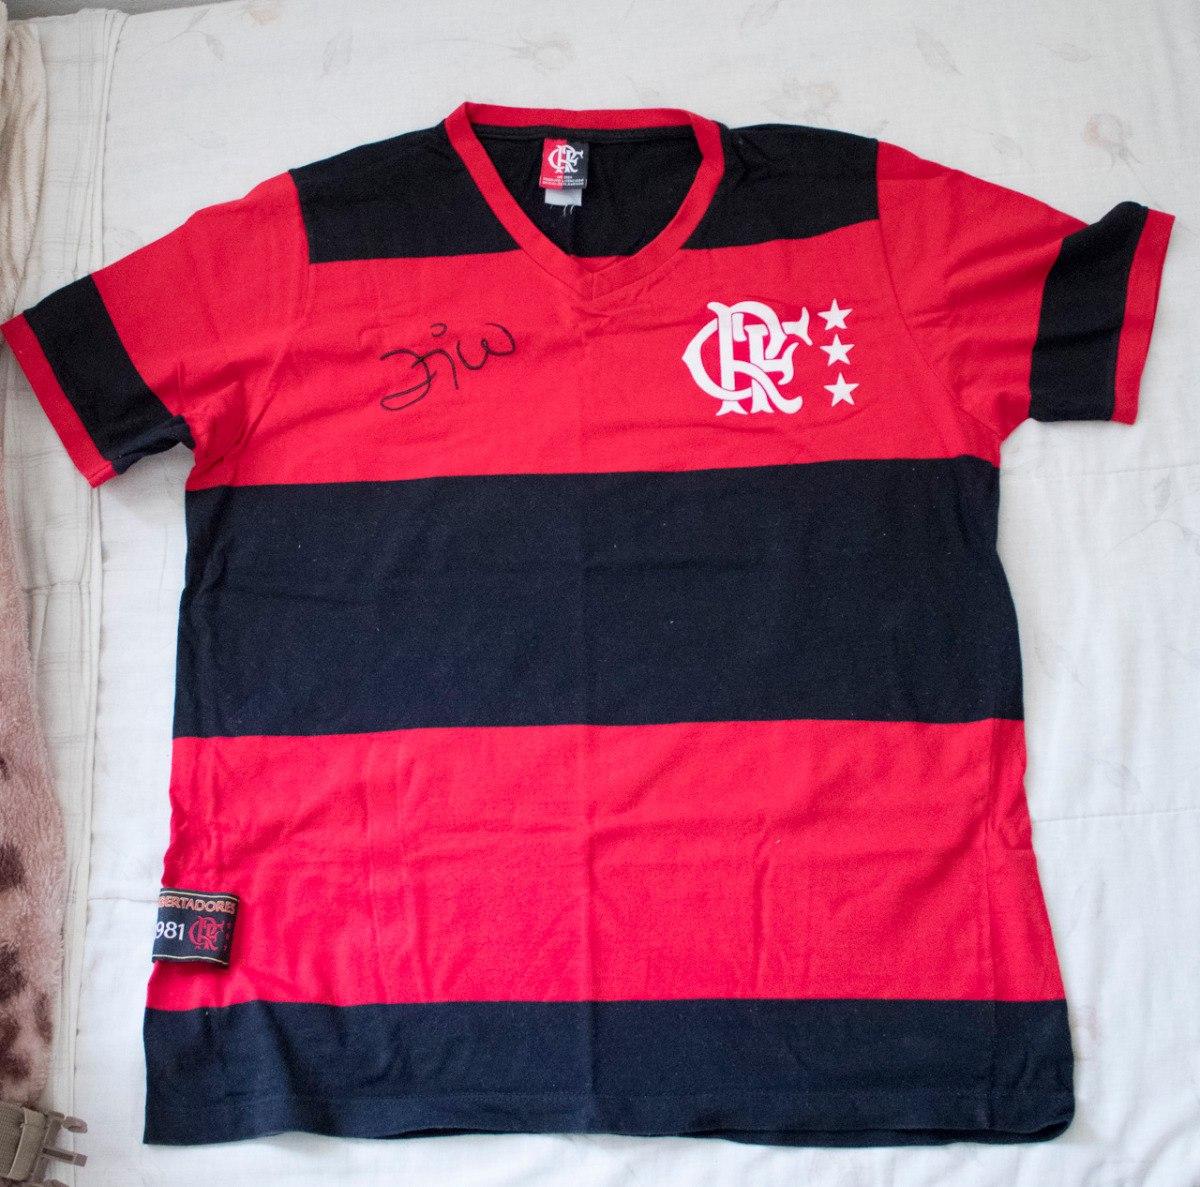 def3ad5166 camisa retro flamengo 1981 oficial libertadores 81 zico   10. Carregando  zoom.